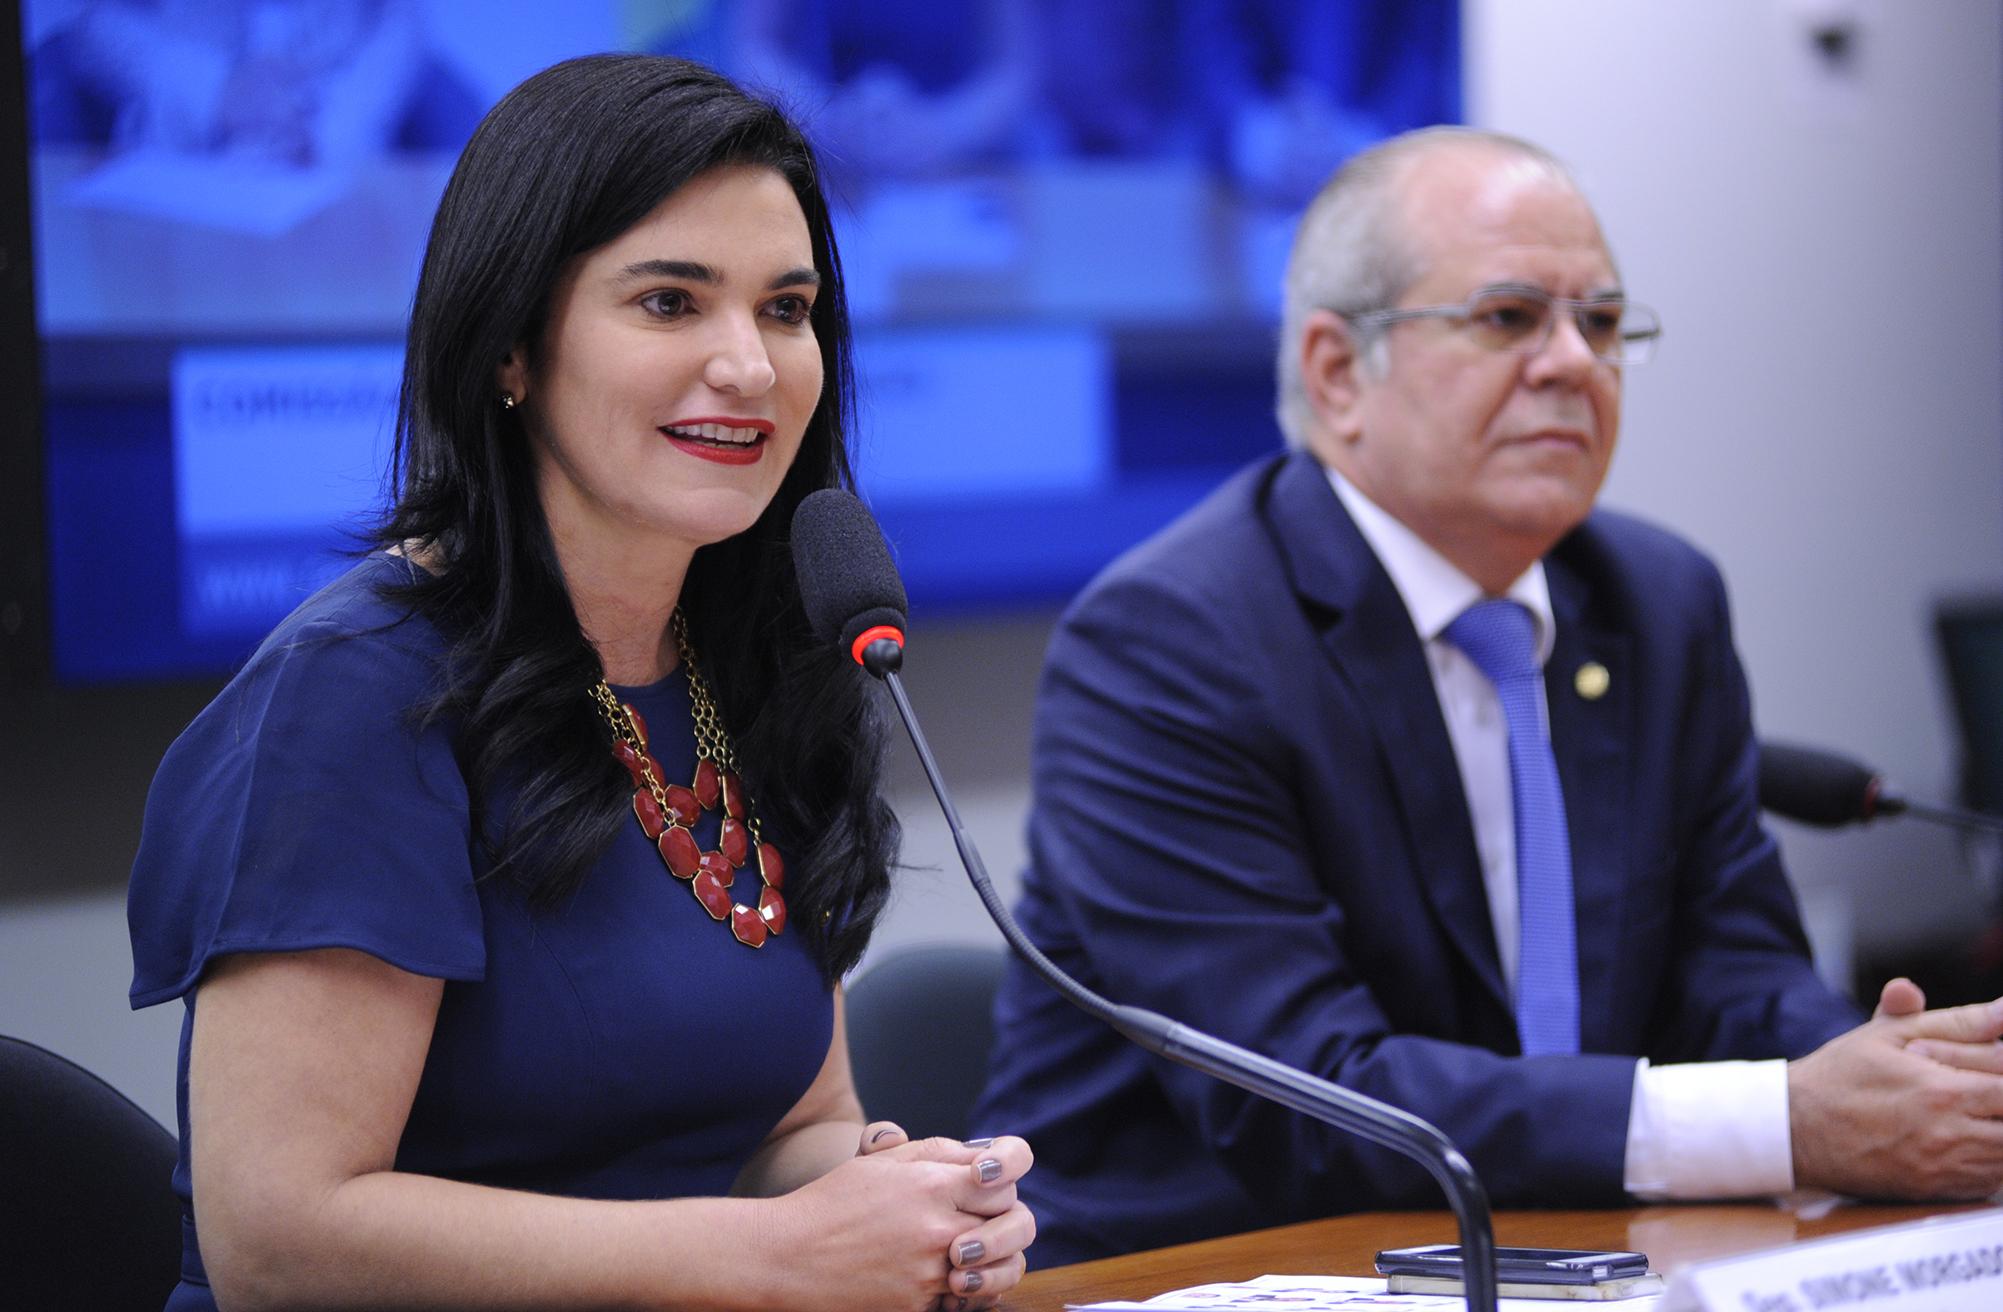 Finanças rejeita isenção tributária para remessas postais destinadas à Zona Franca de Manaus